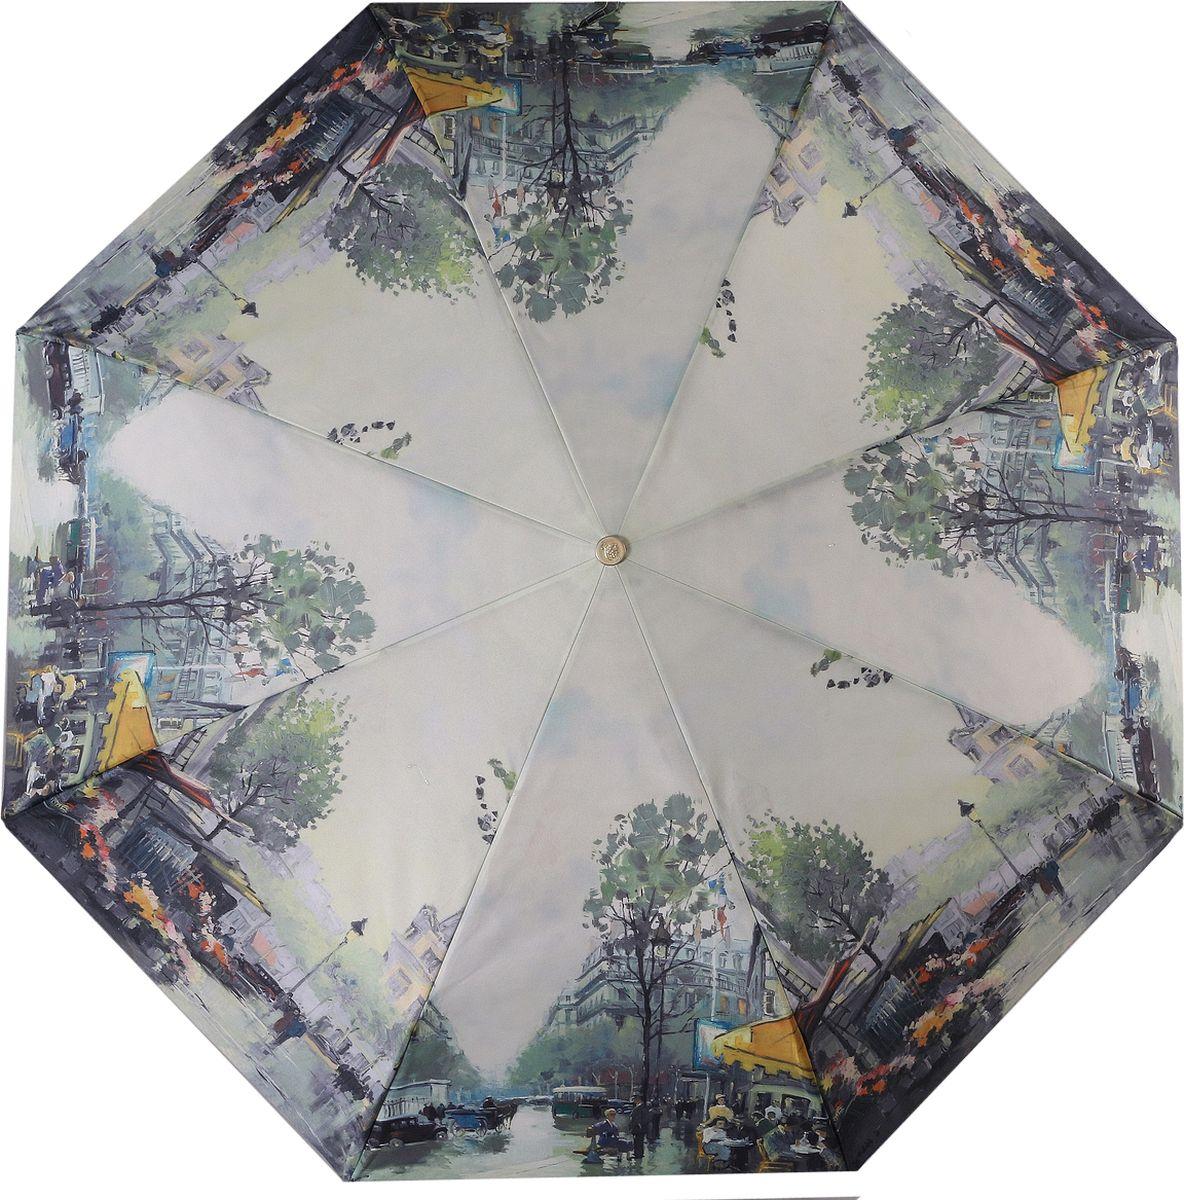 Зонт женский Trust, автомат, 3 сложения, цвет: бежевый, зеленый, желтый. 30475-77 зонт trust 32473 1603 женский полный автомат